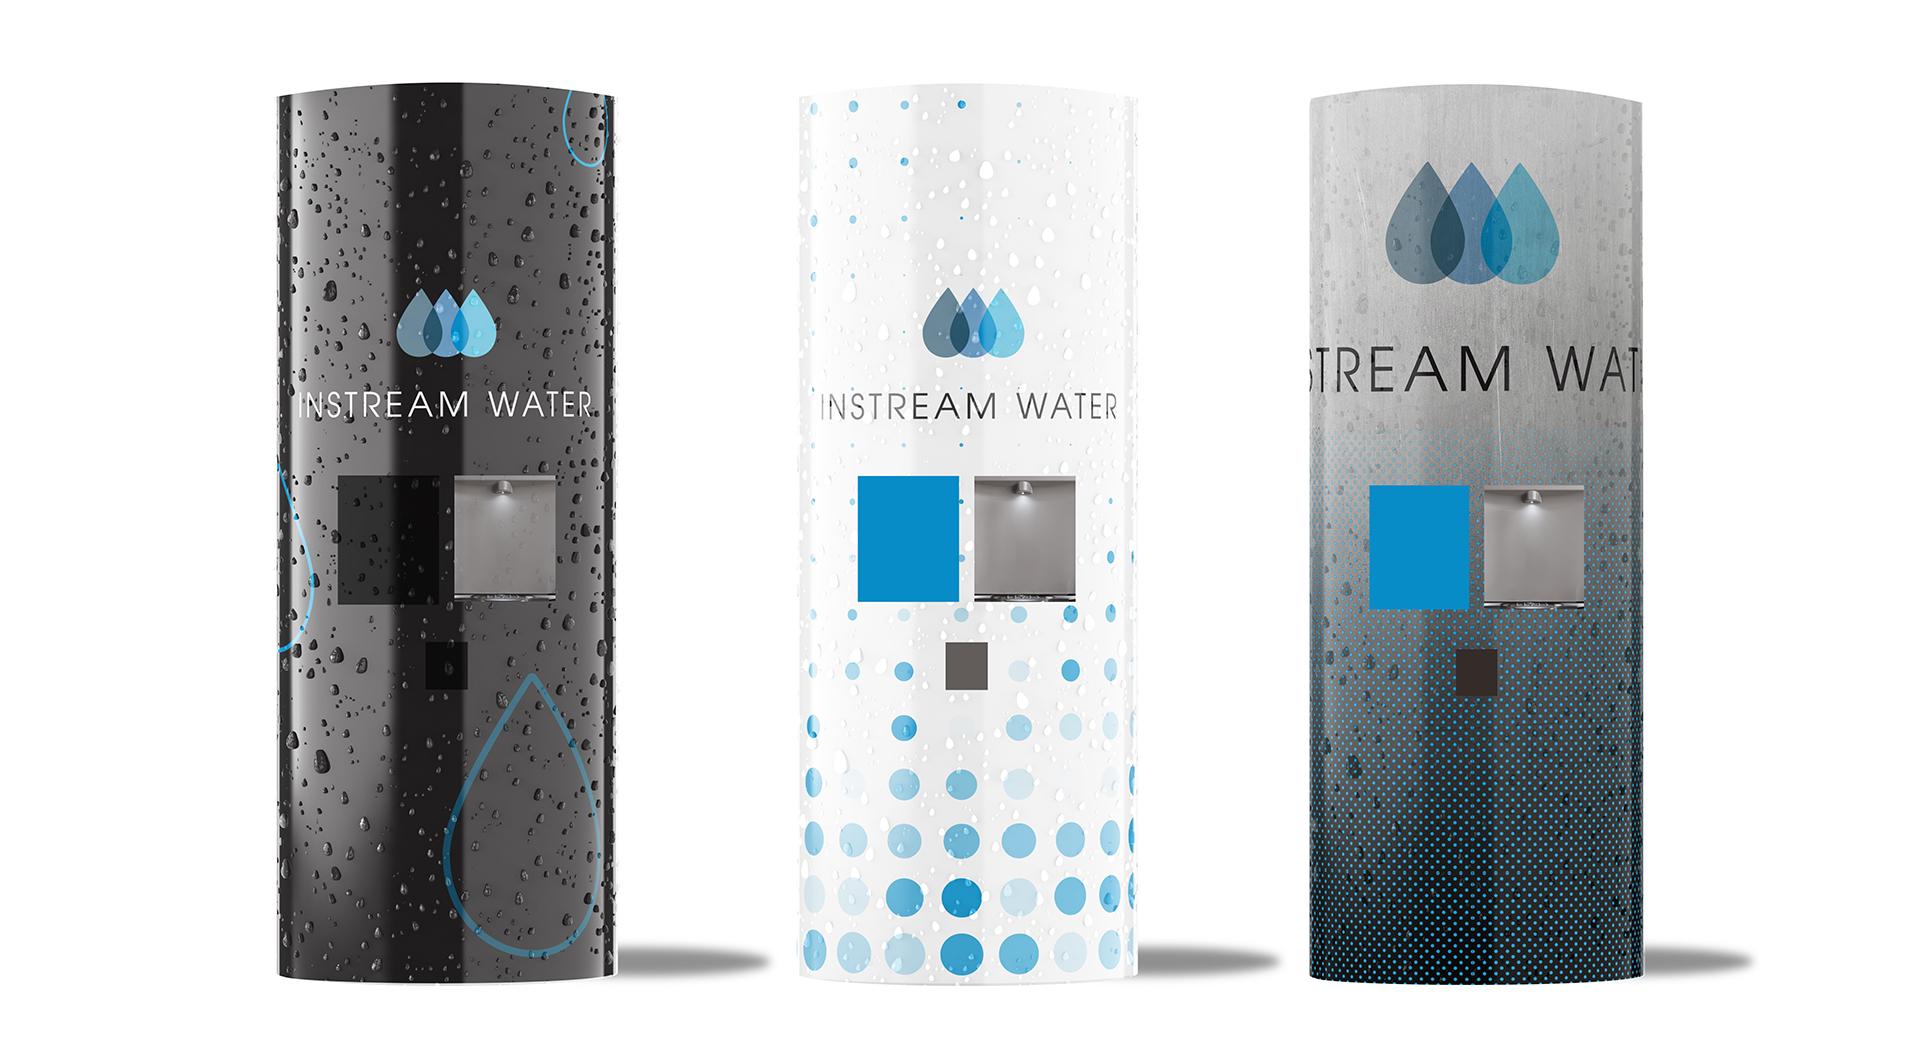 instream water dispensing kiosks